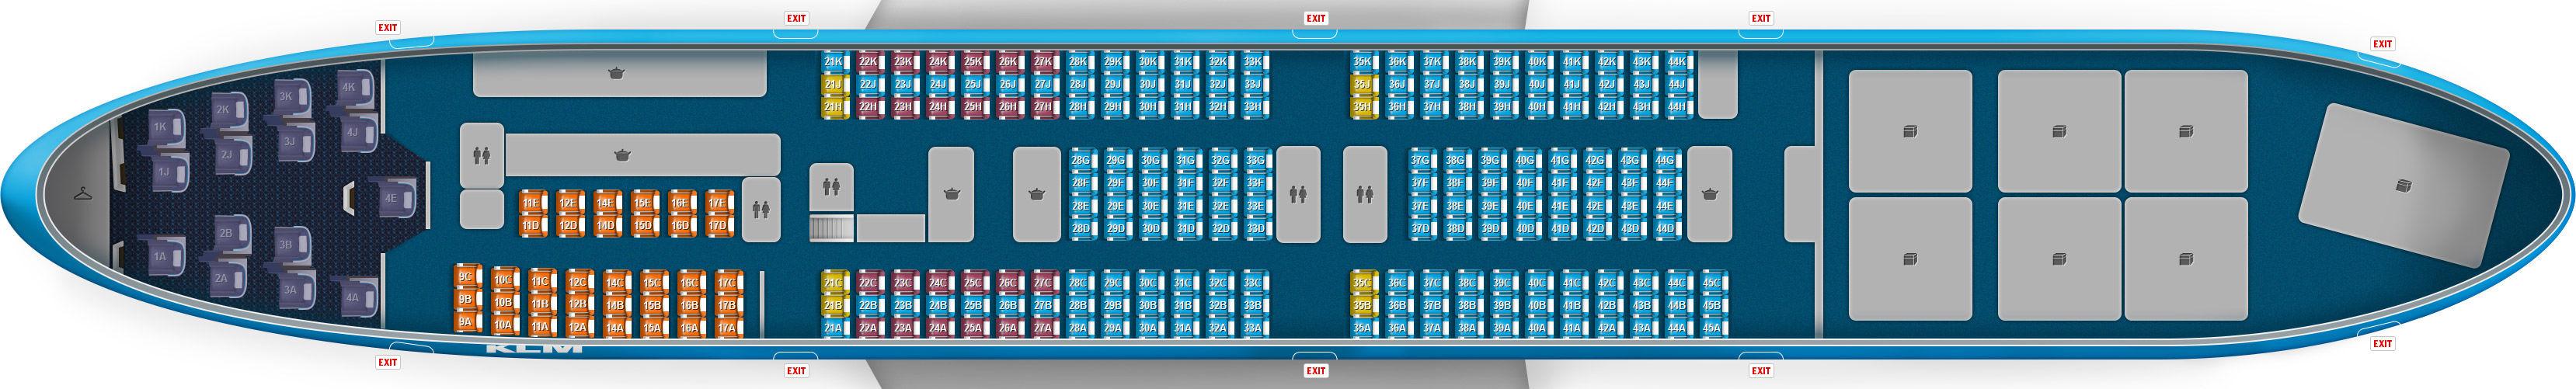 Klm vluchtschemas en stoelindelingen overzicht in en for Interieur 747 cargo